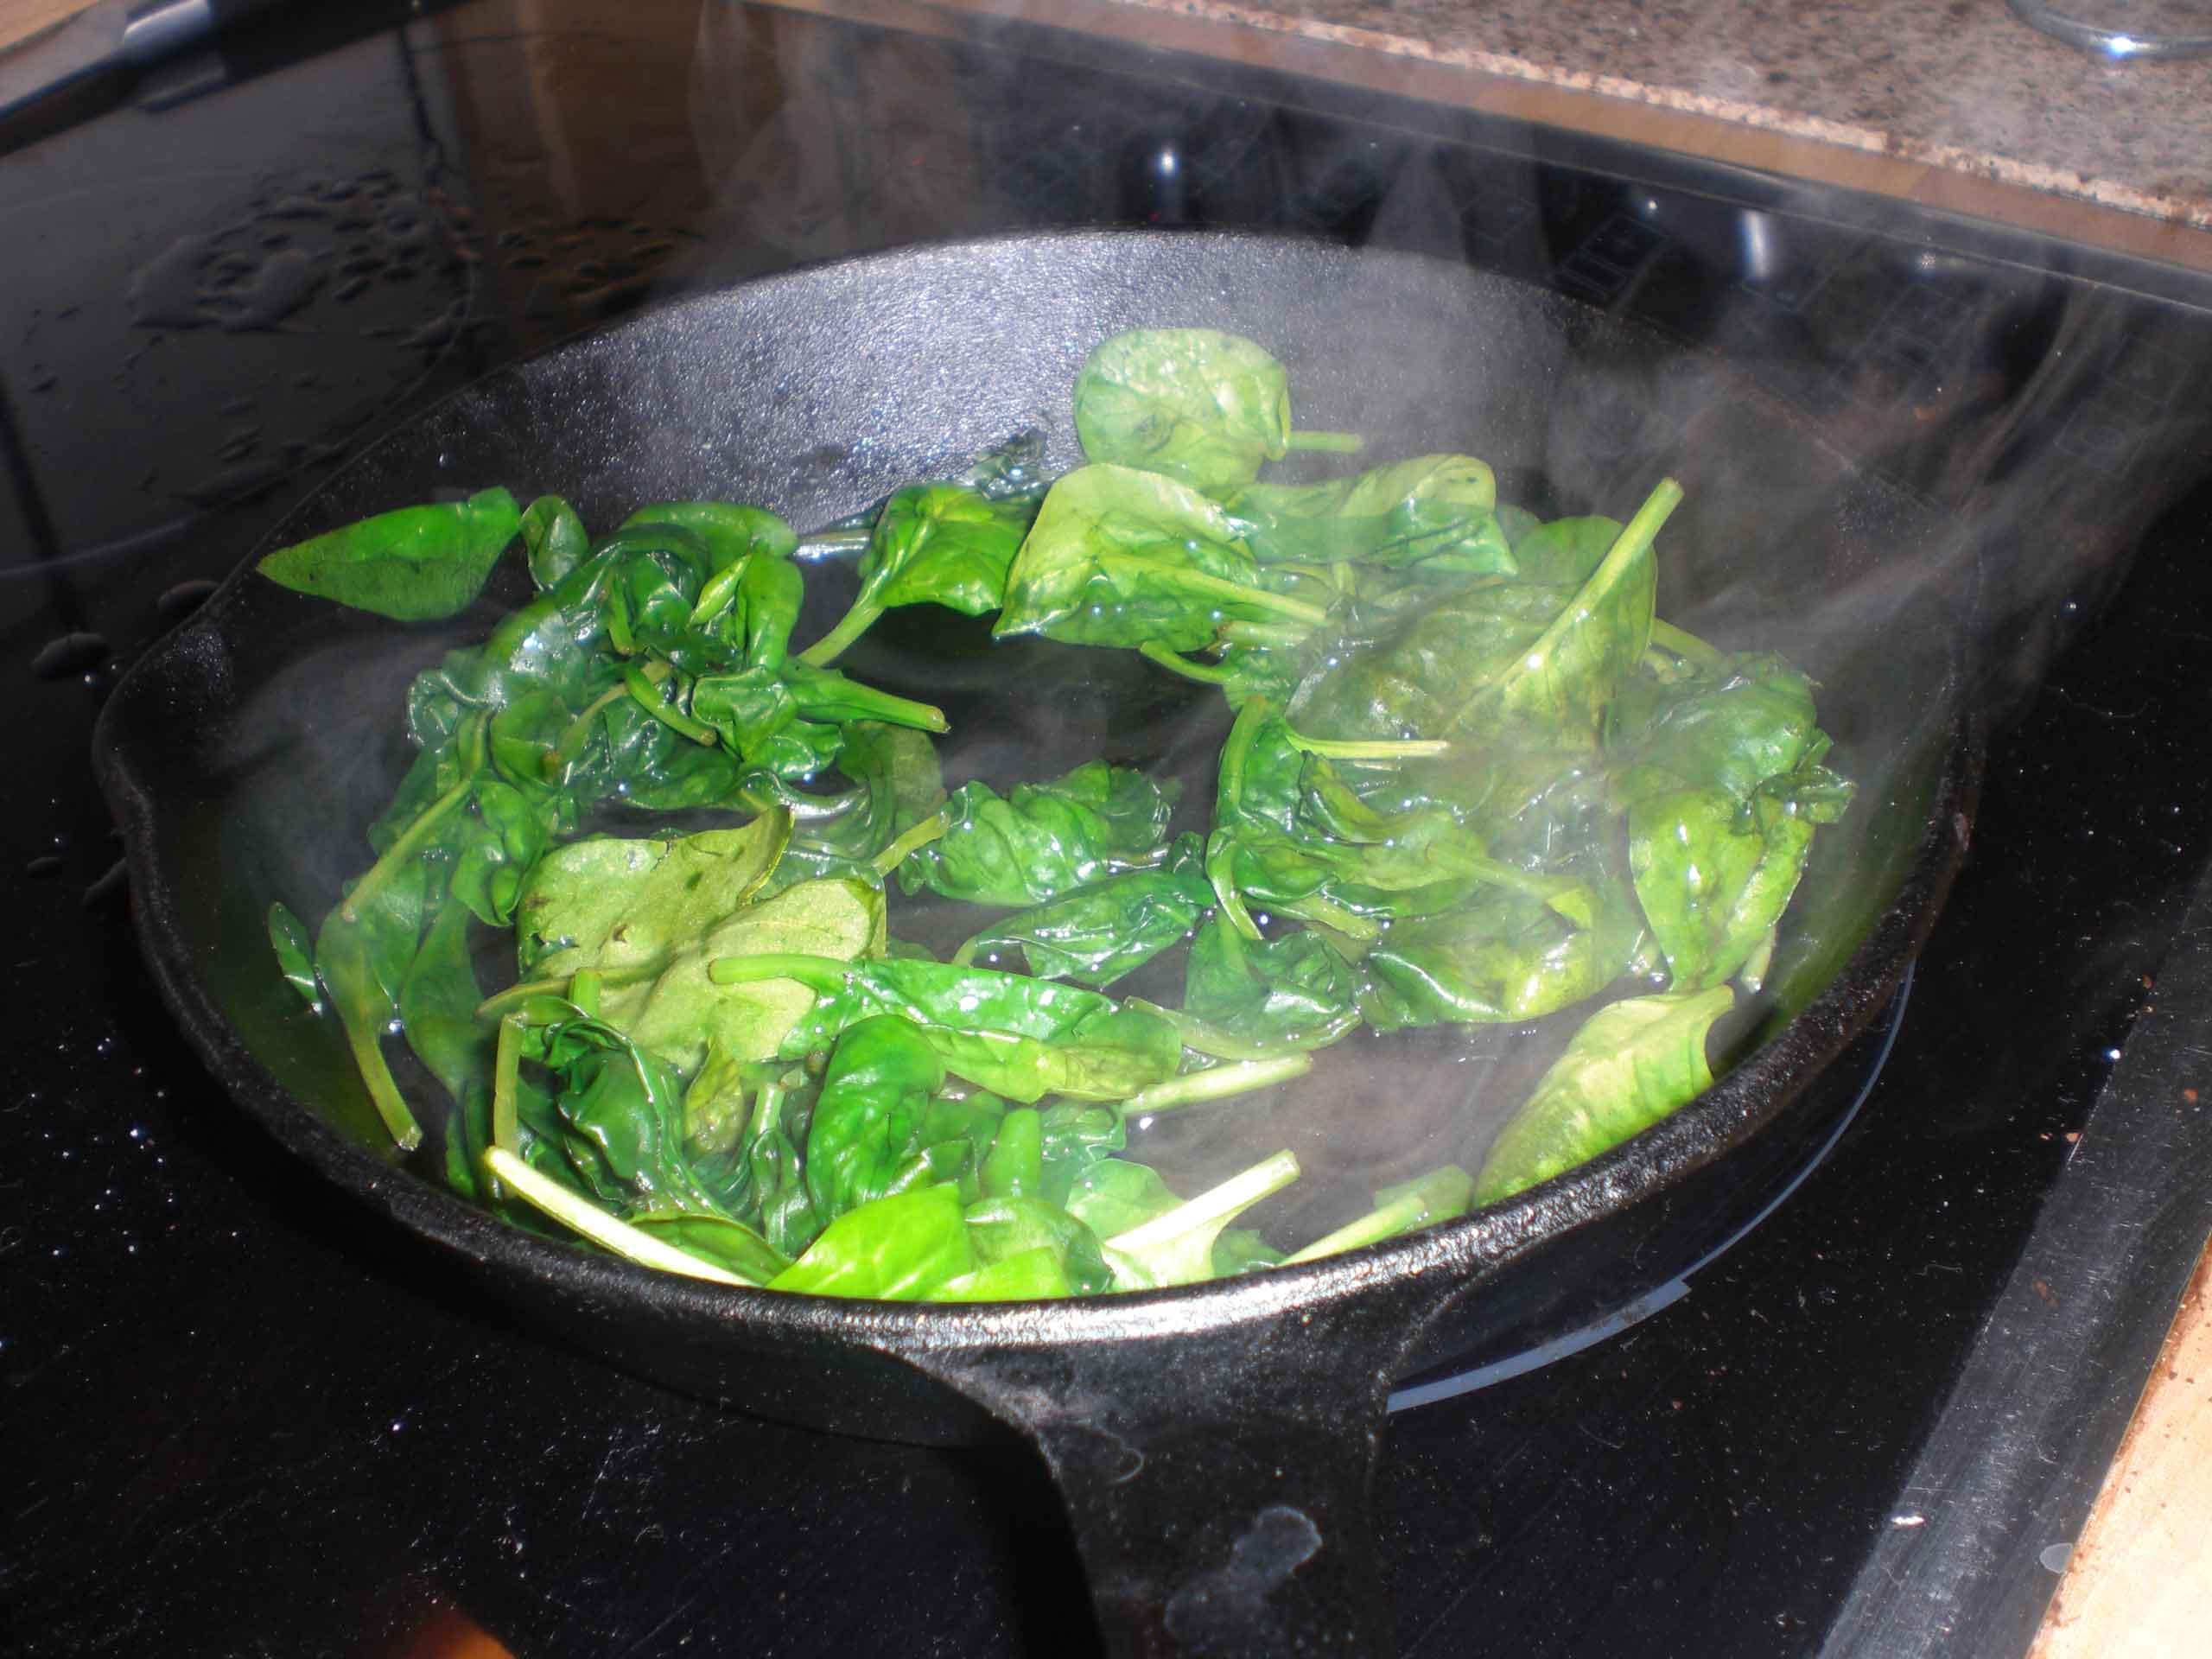 Damp spinaten på en meget varm pande.